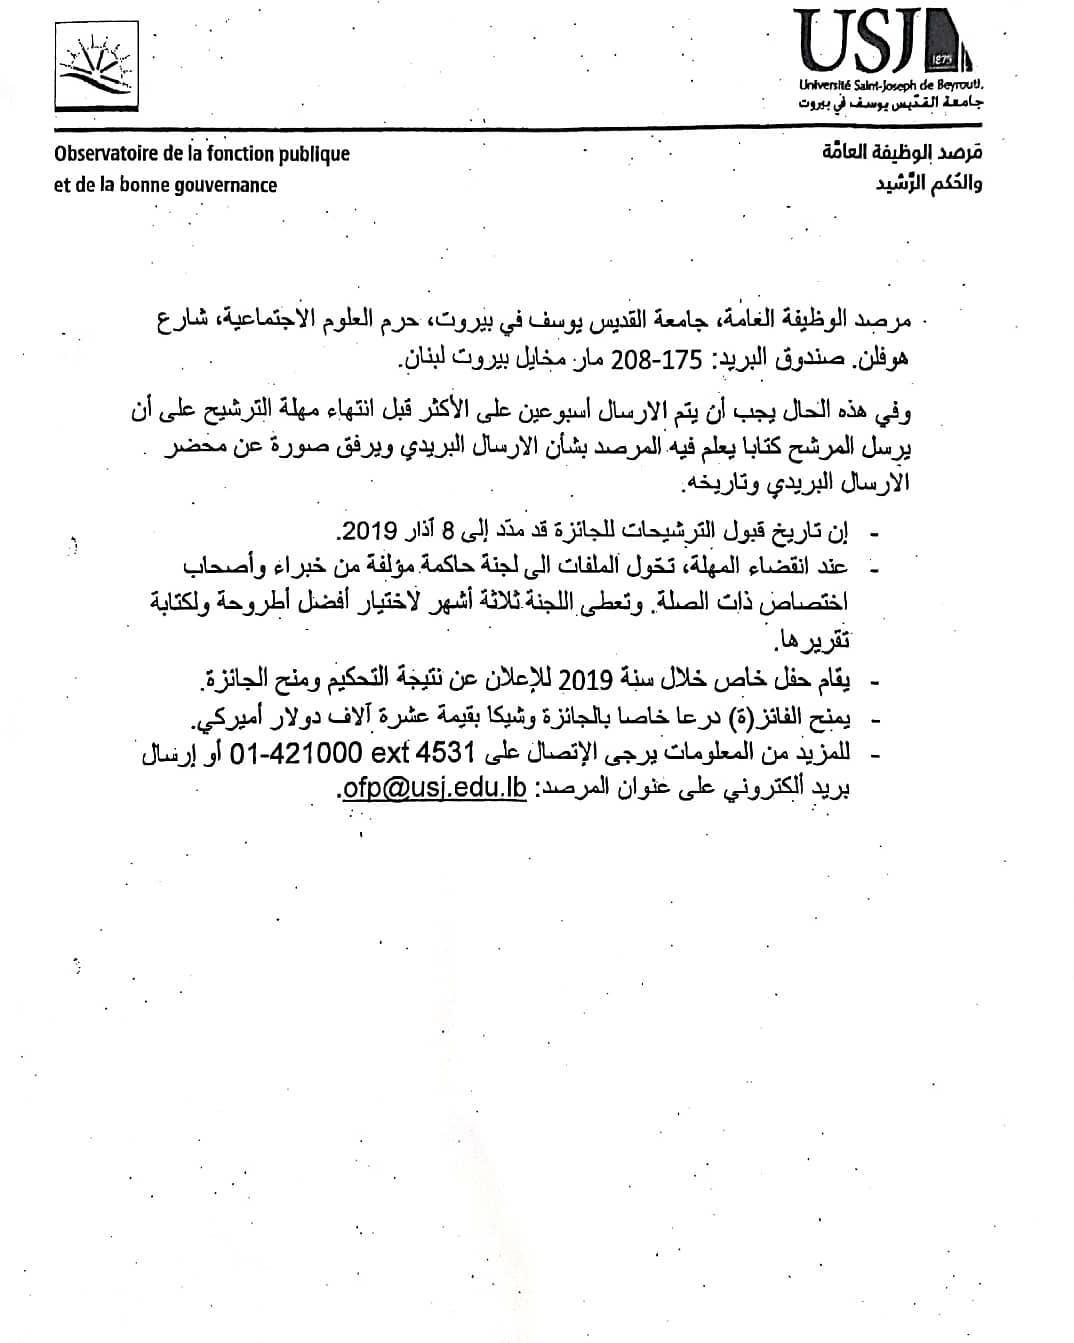 """Universidade Libanesa """"Saint Joseph"""" lançou o prêmio """"Michel Eddé Administração Pública"""""""